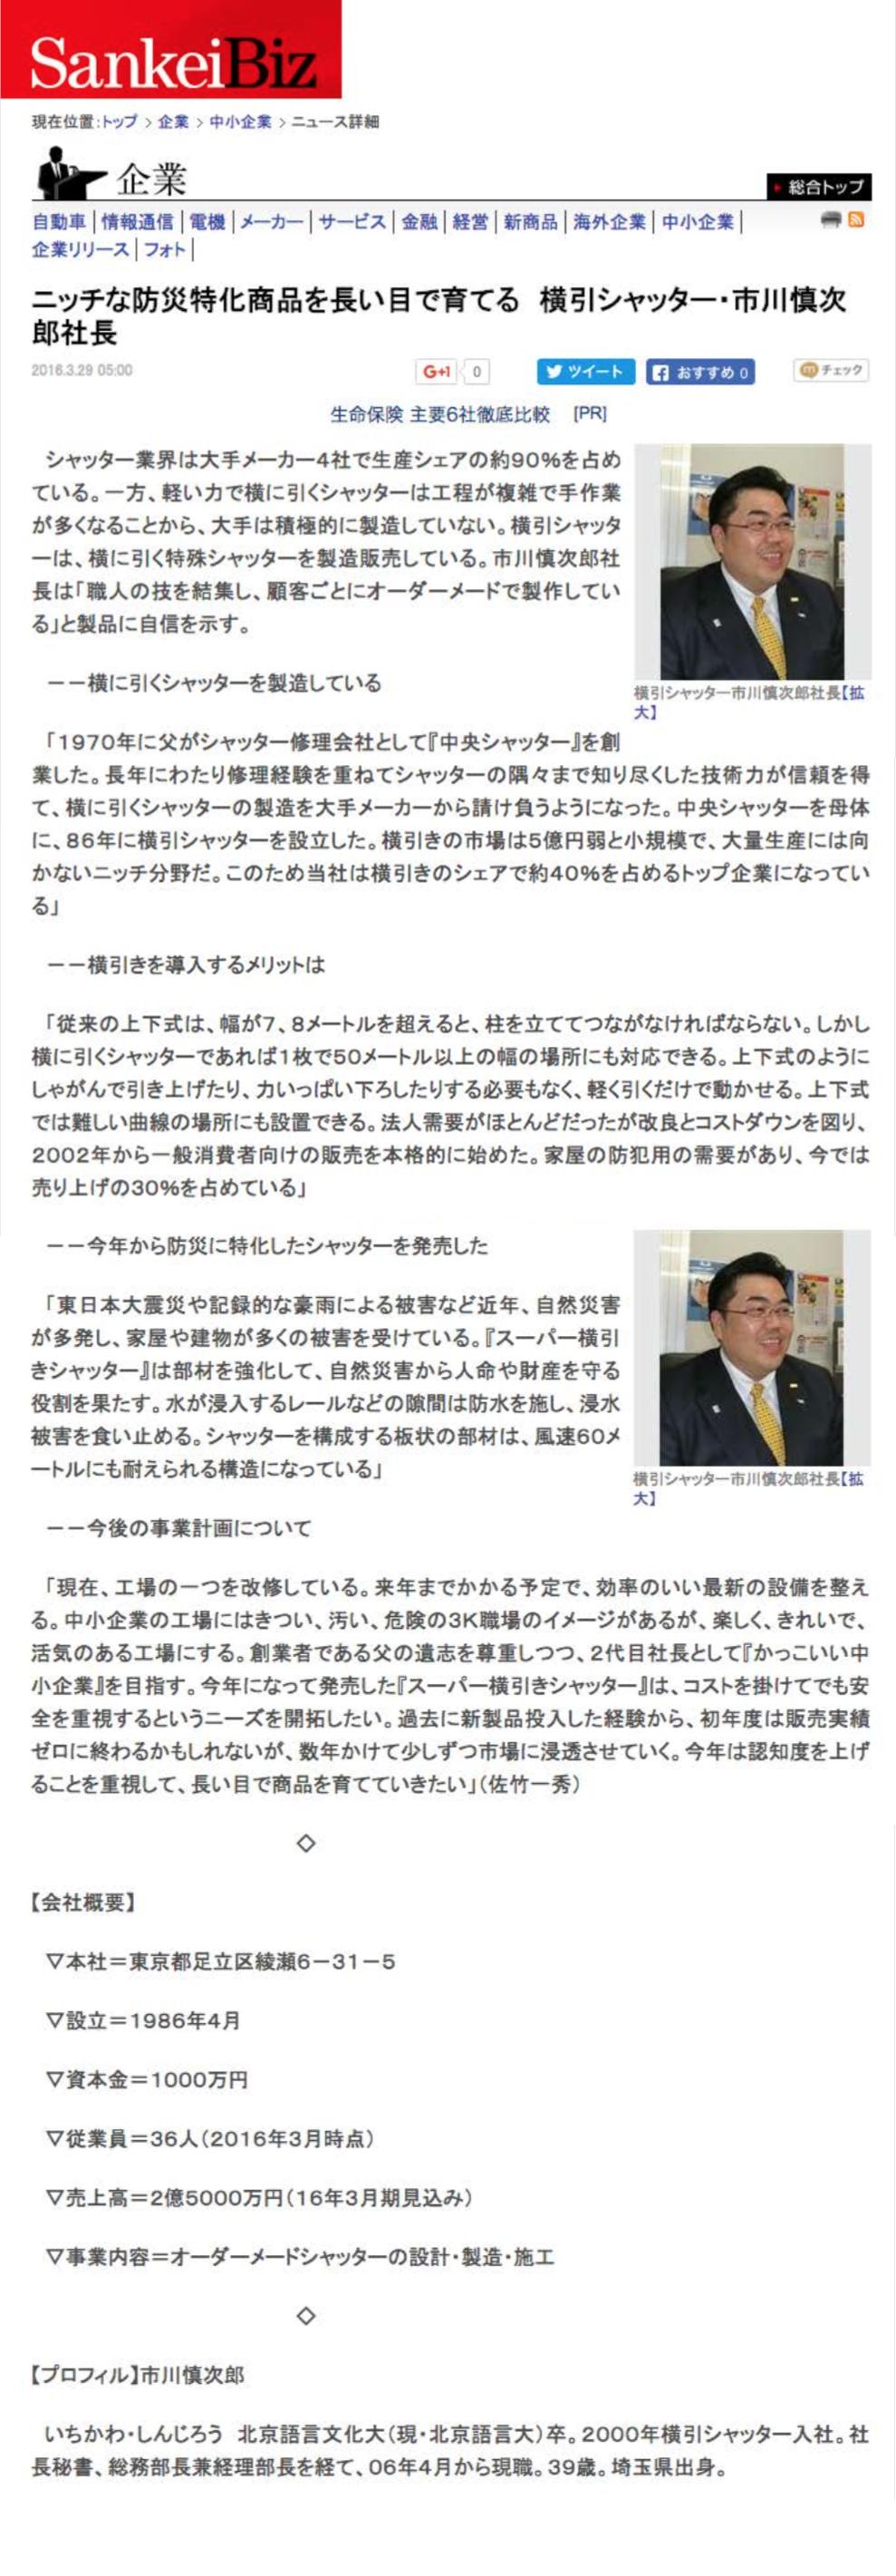 2016年3月29日Sankei Biz